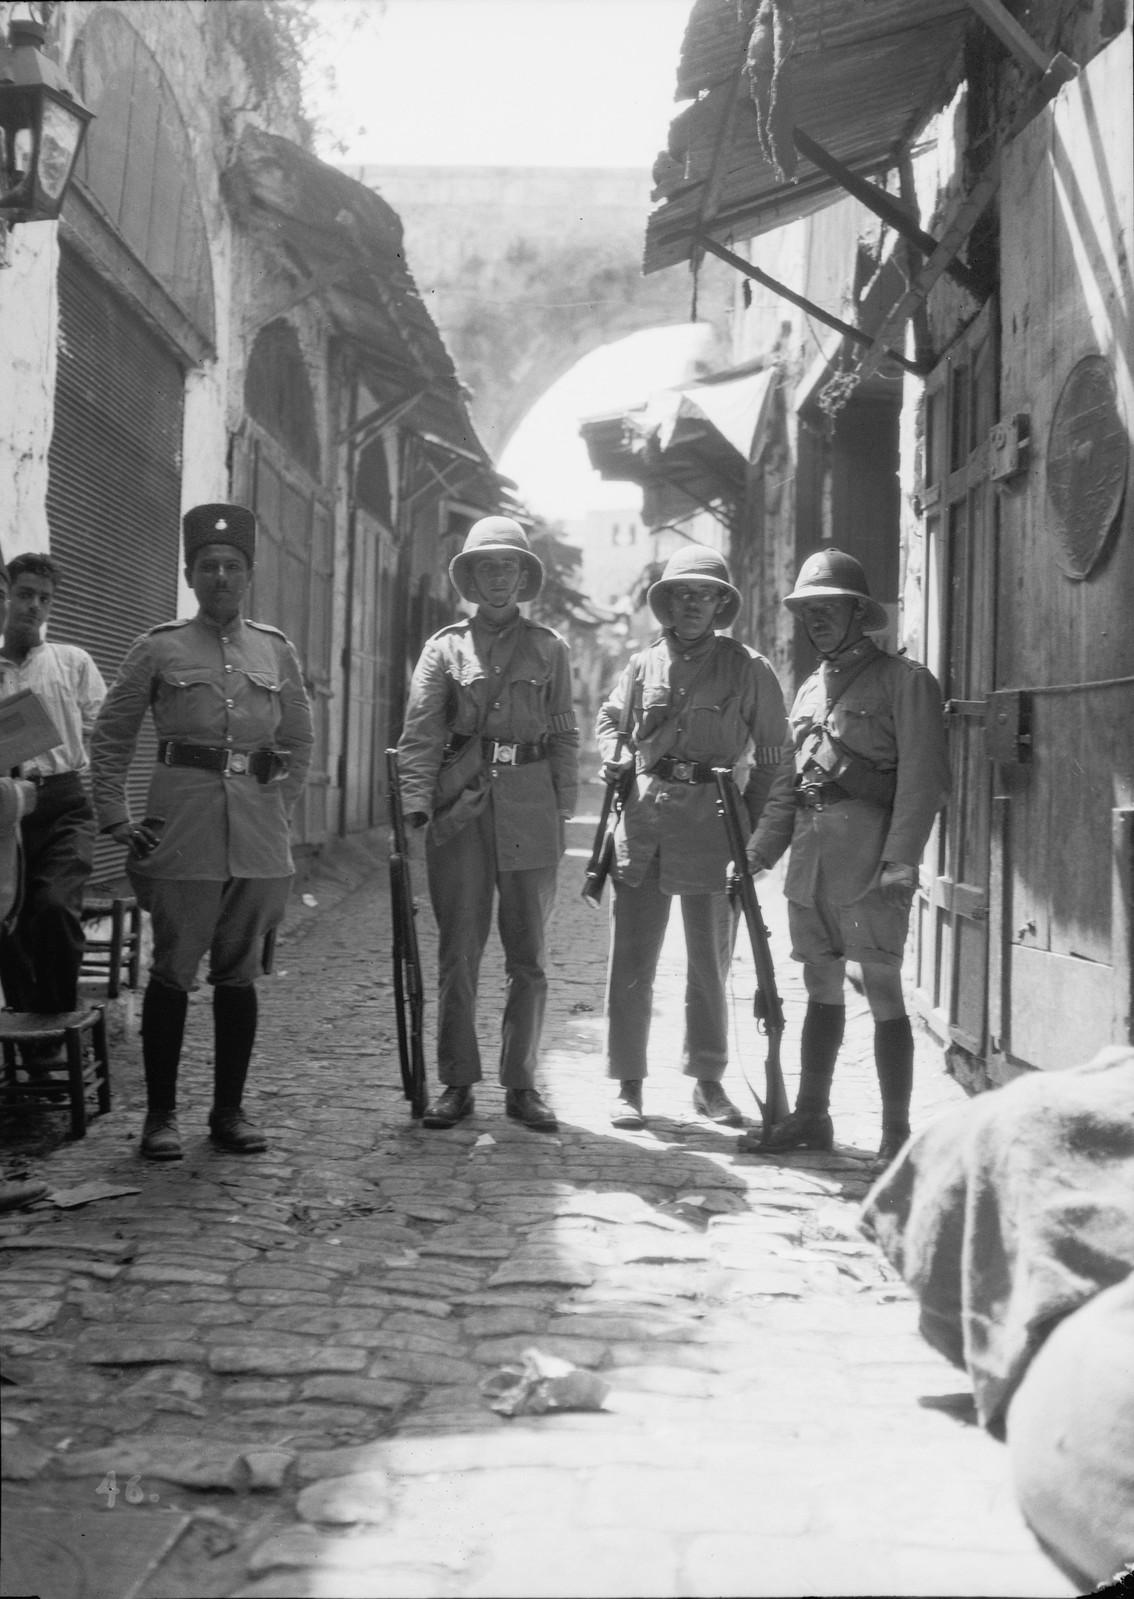 24. 23–31 августа. Отряд британской добровольческой полиции на улице Царя Дэвида в Старом городе